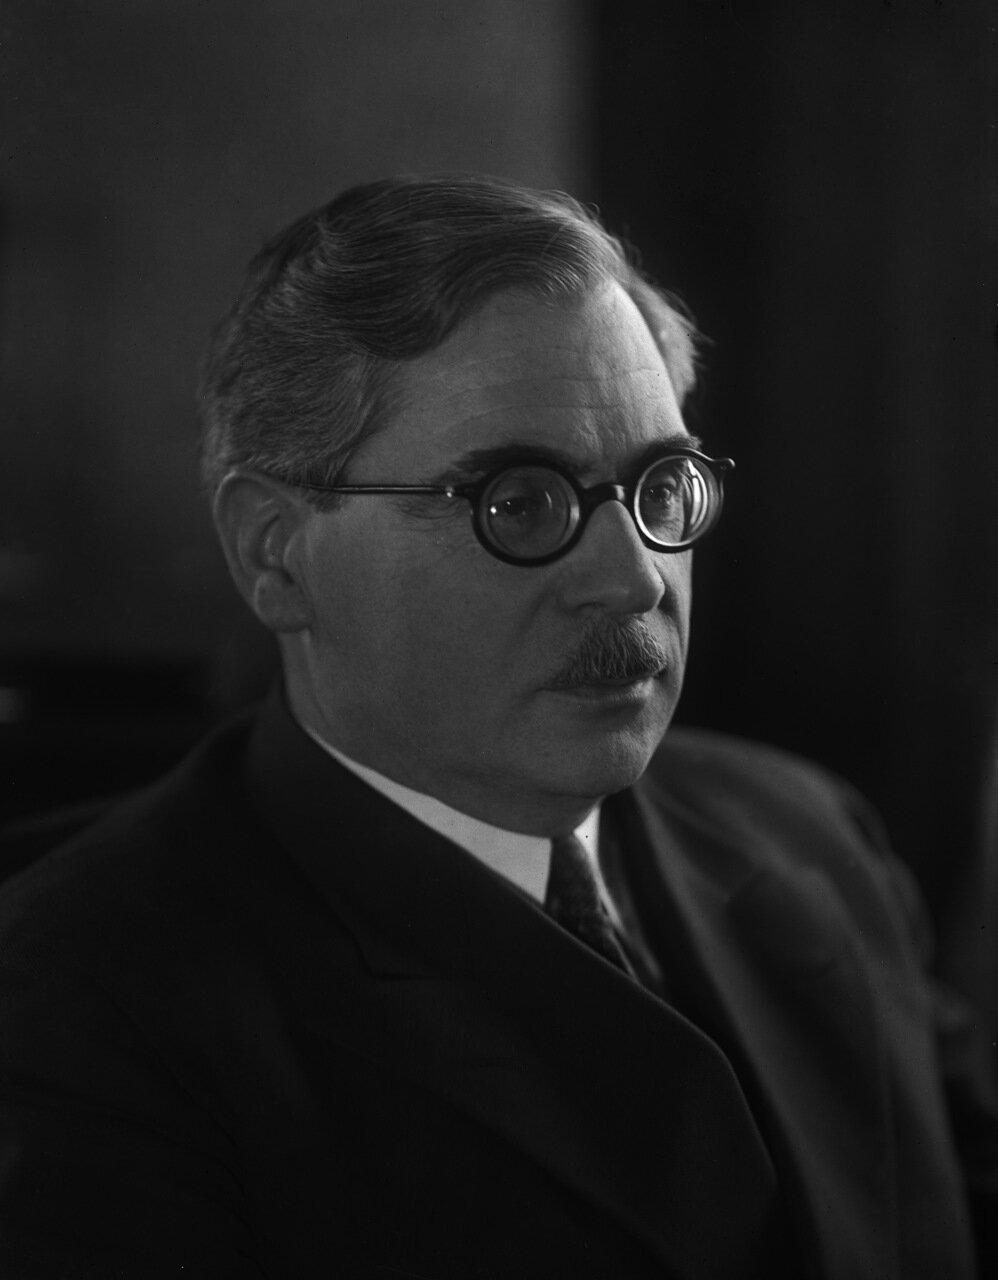 Никитин Василий Петрович (2 [14] августа 1893, Санкт-Петербург — 16 марта 1956, Москва) — выдающийся учёный в области электротехники, сварки и электромеханики.